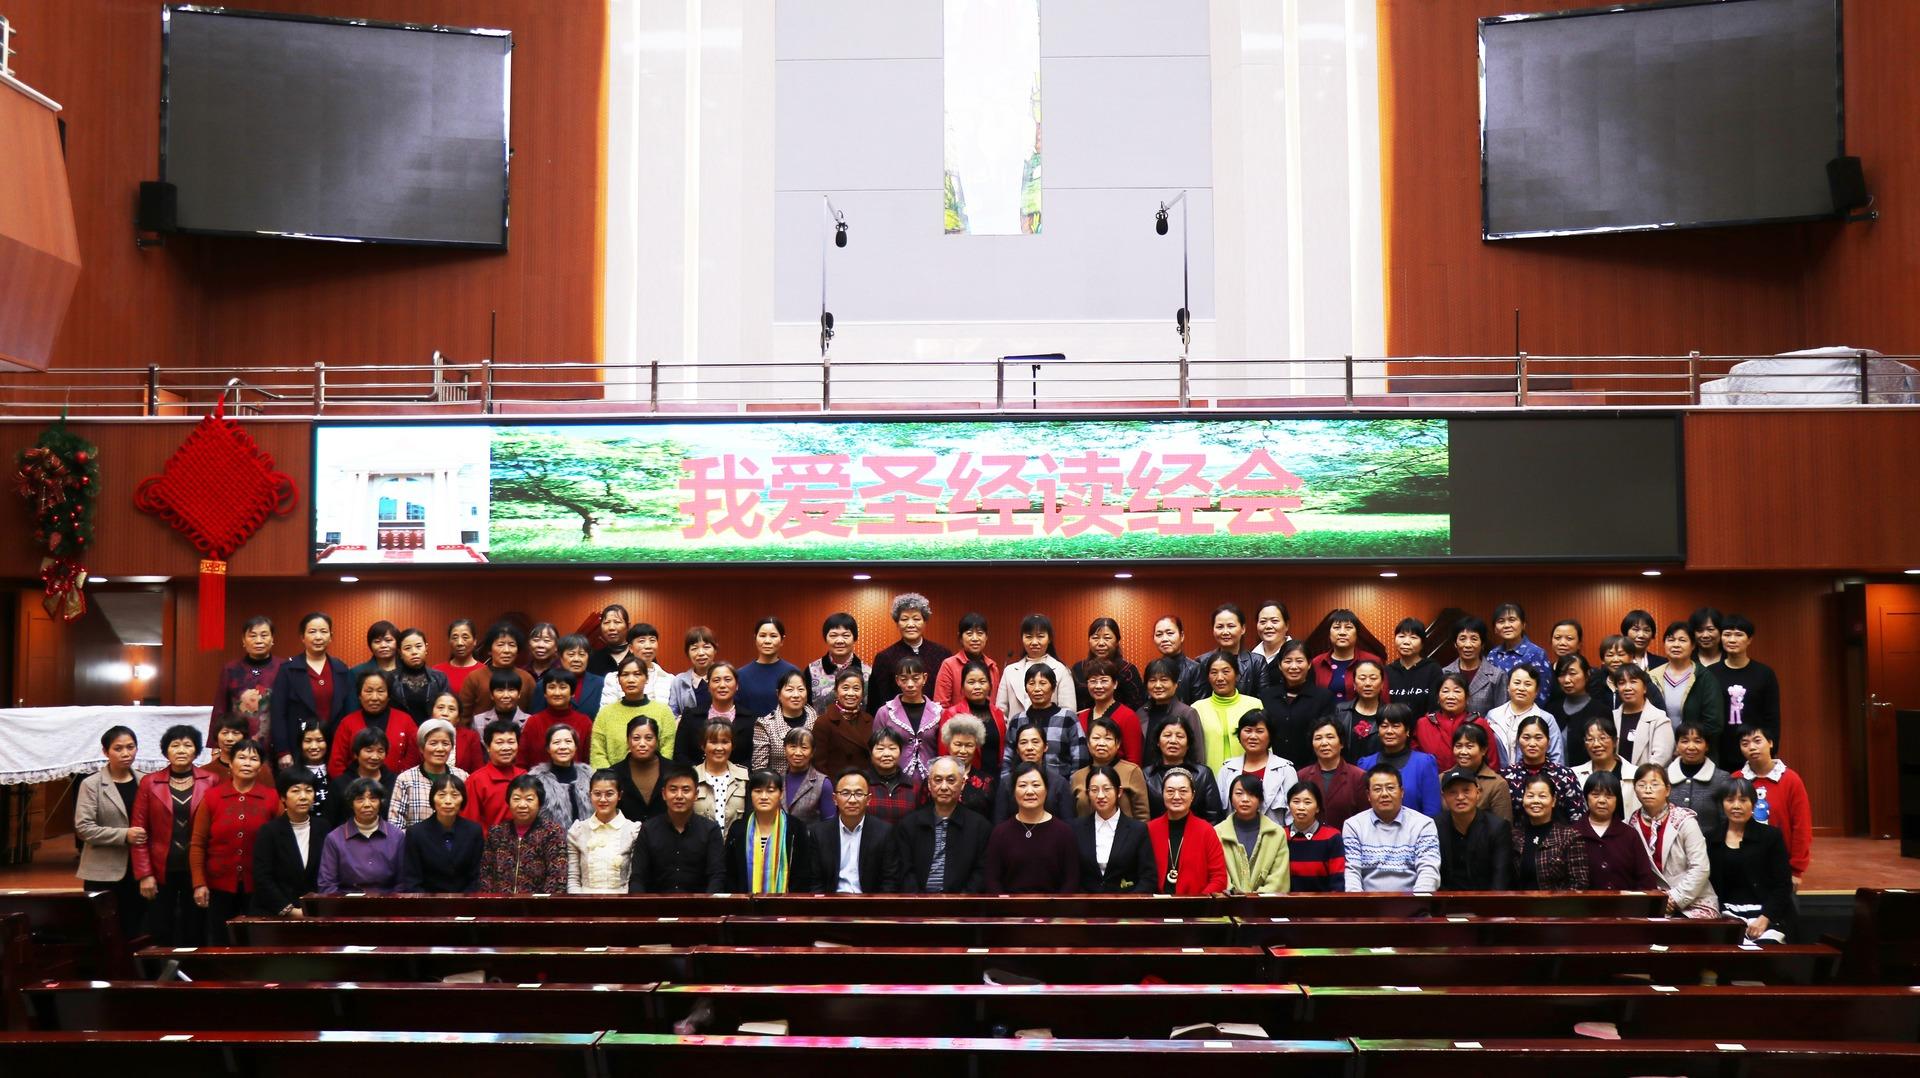 """江西省新余市基督教渝水堂举行""""悦读圣经""""活动"""